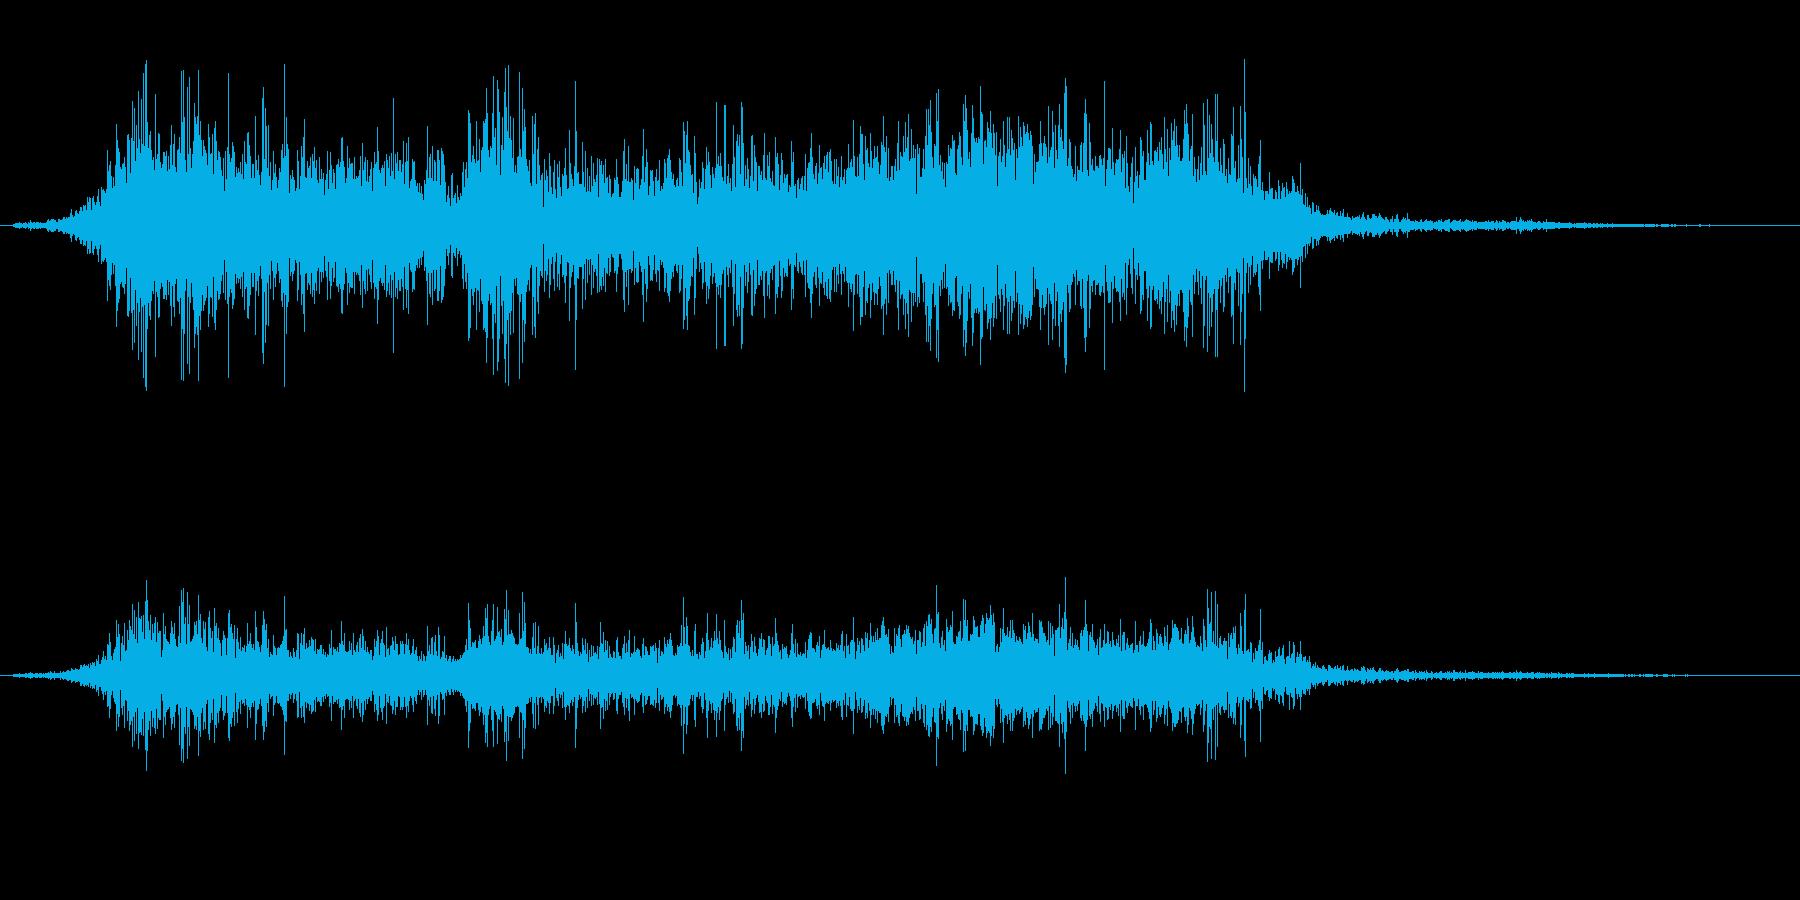 鼻をかんだときに出る音の再生済みの波形